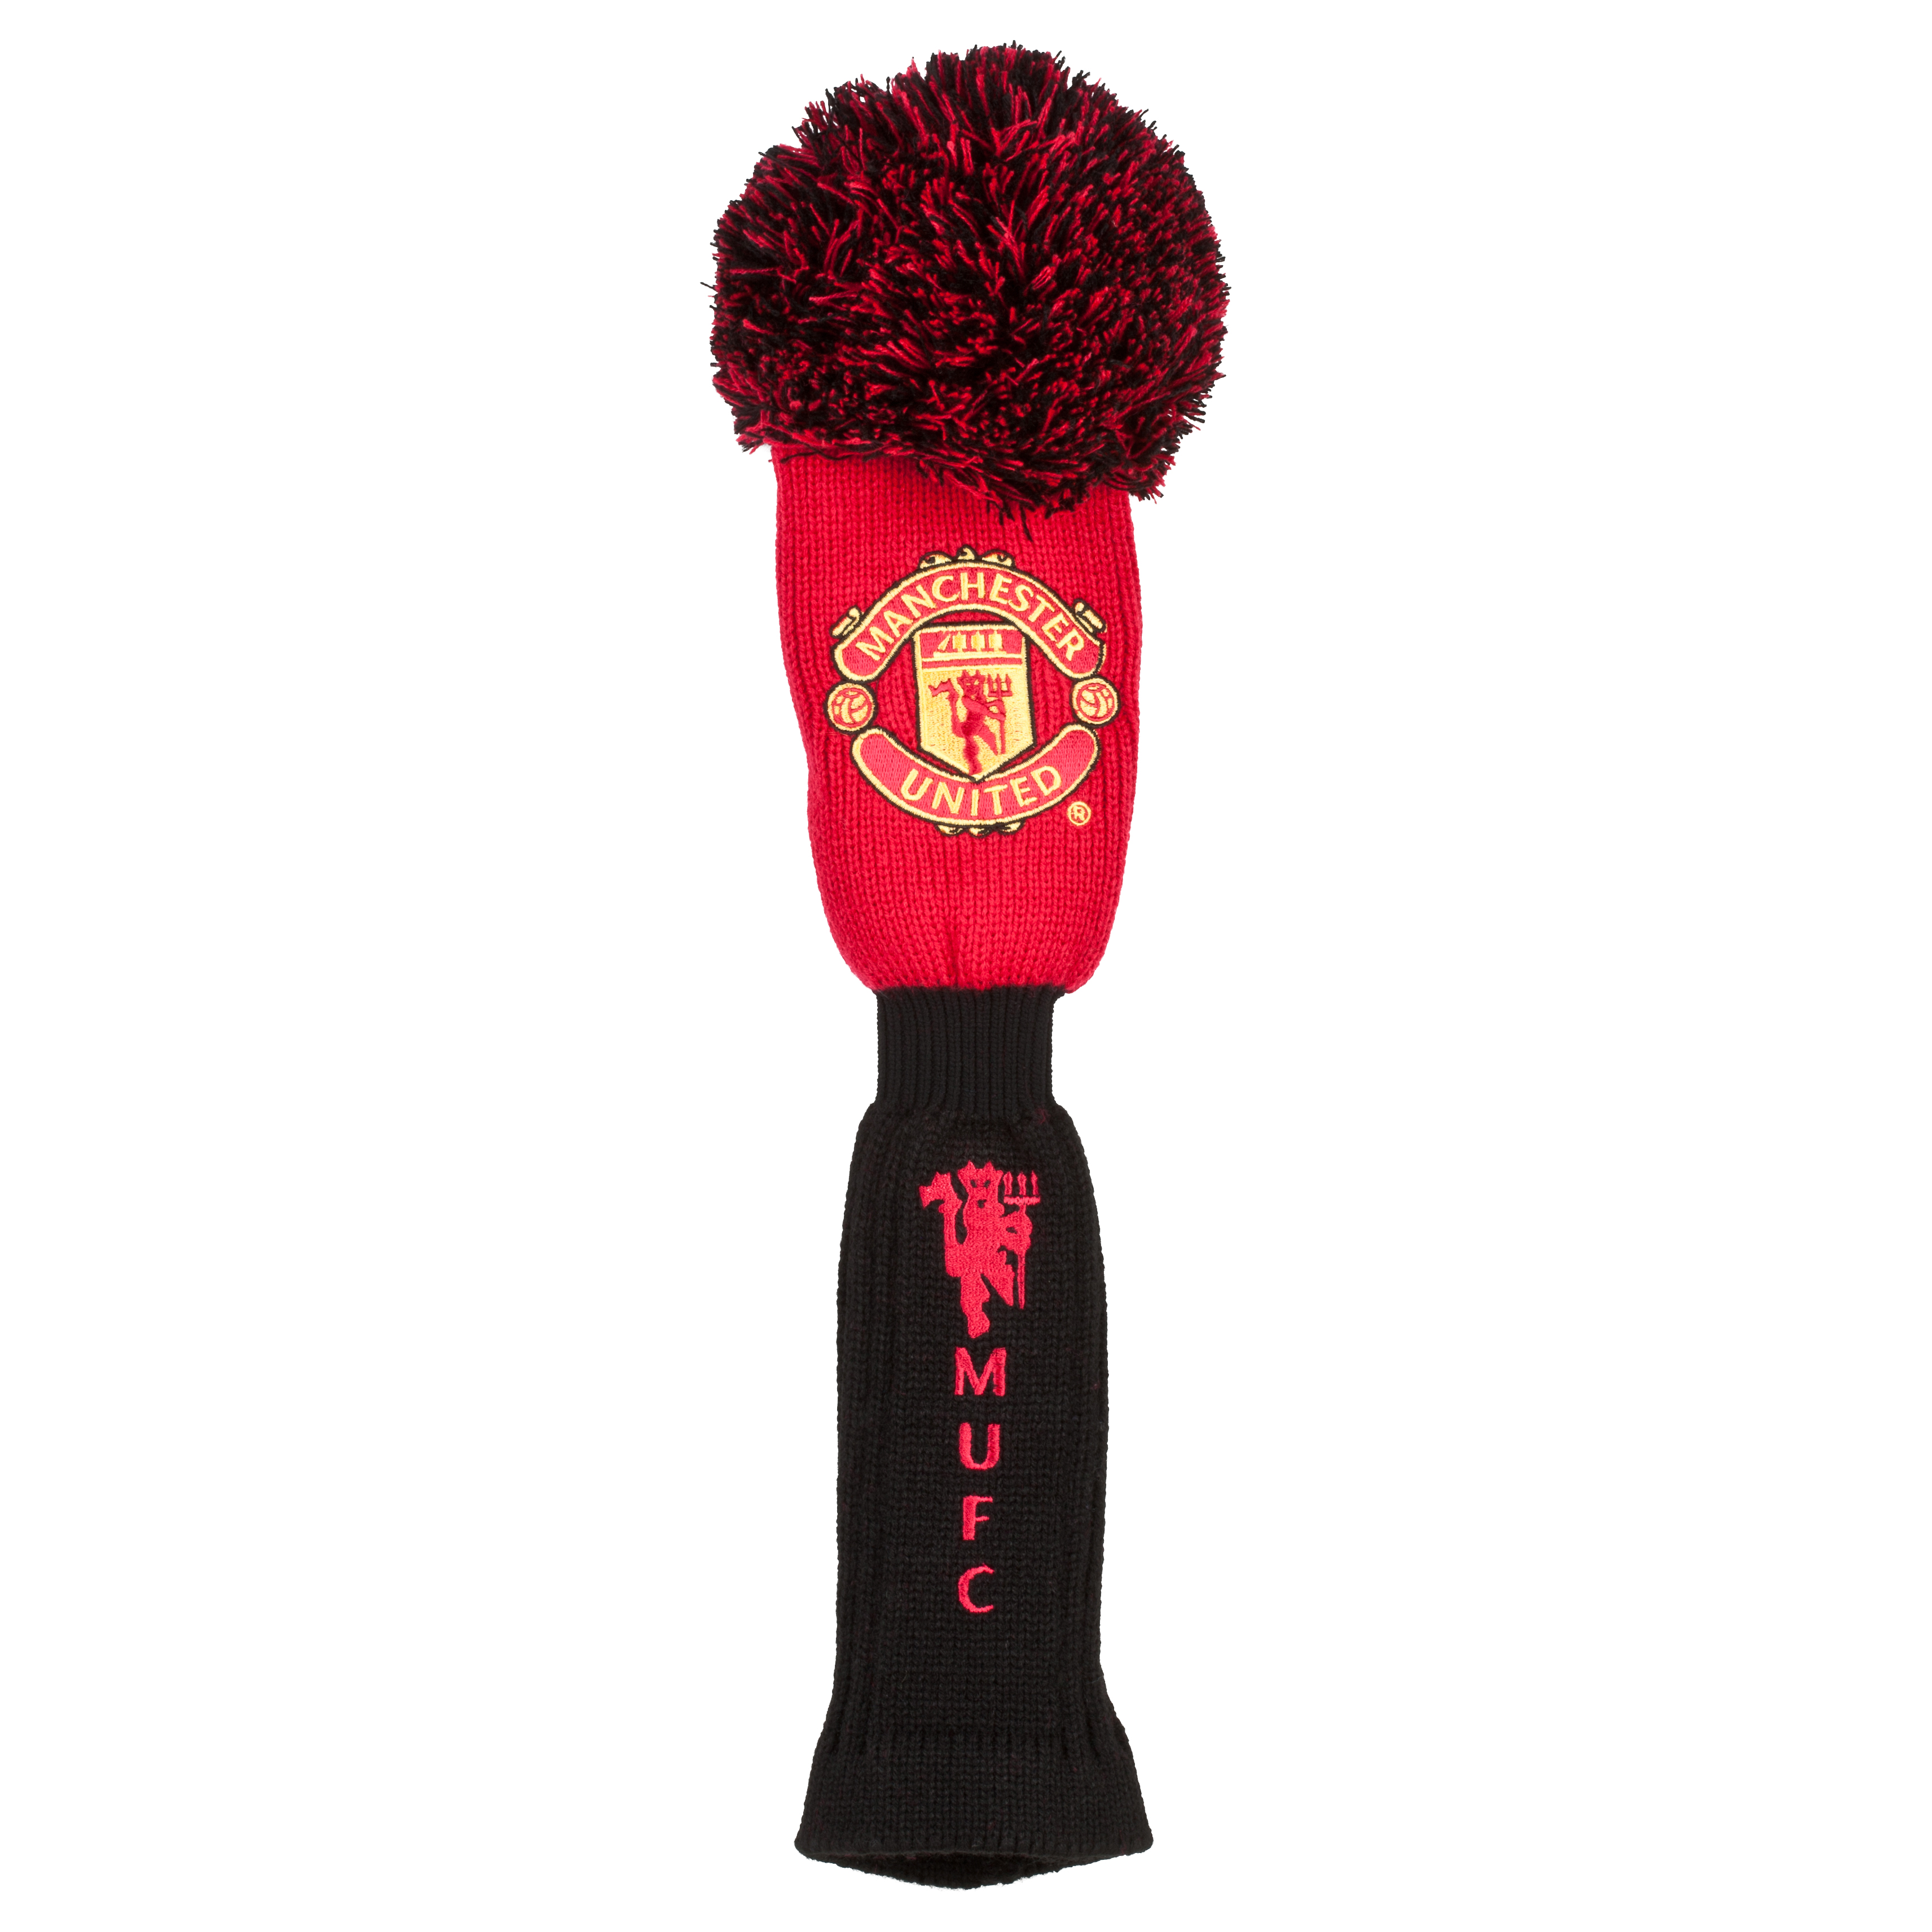 Manchester United Golf Pom-Pom Driver Headcover